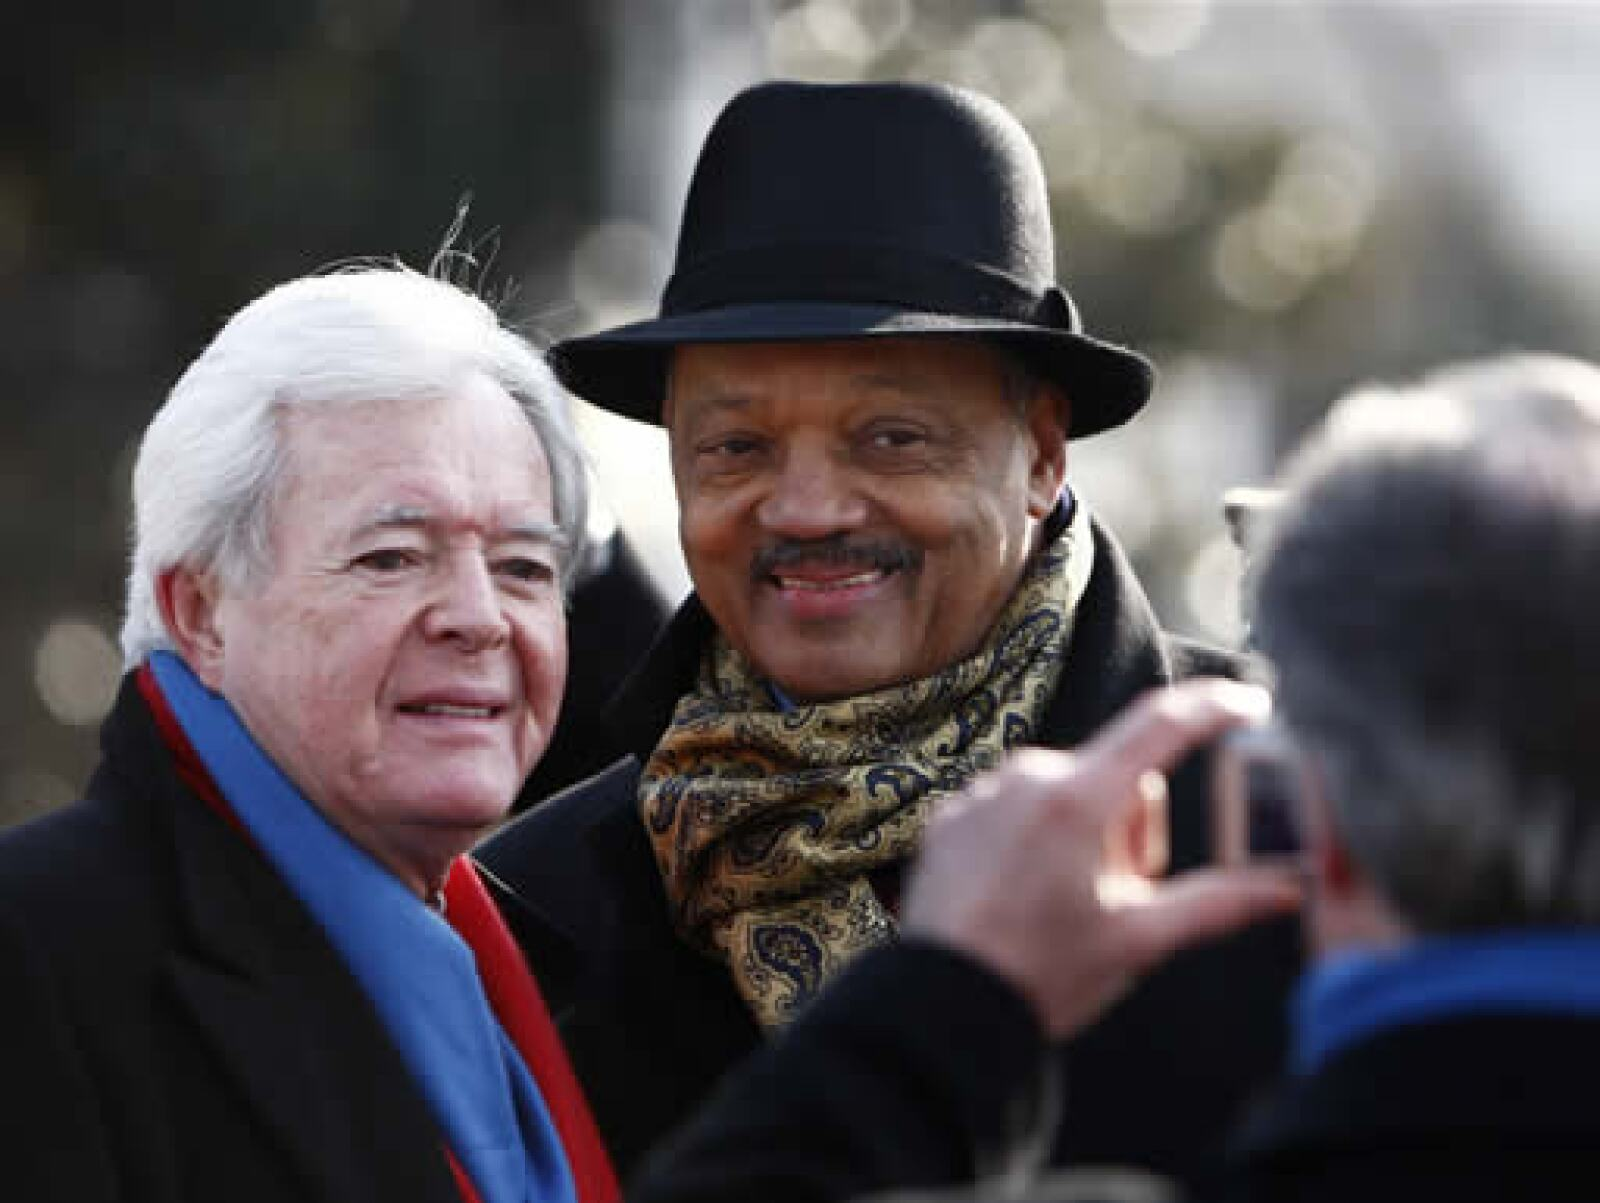 El reverendo Jesse Jackson se tomó fotos con algunos asistentes.